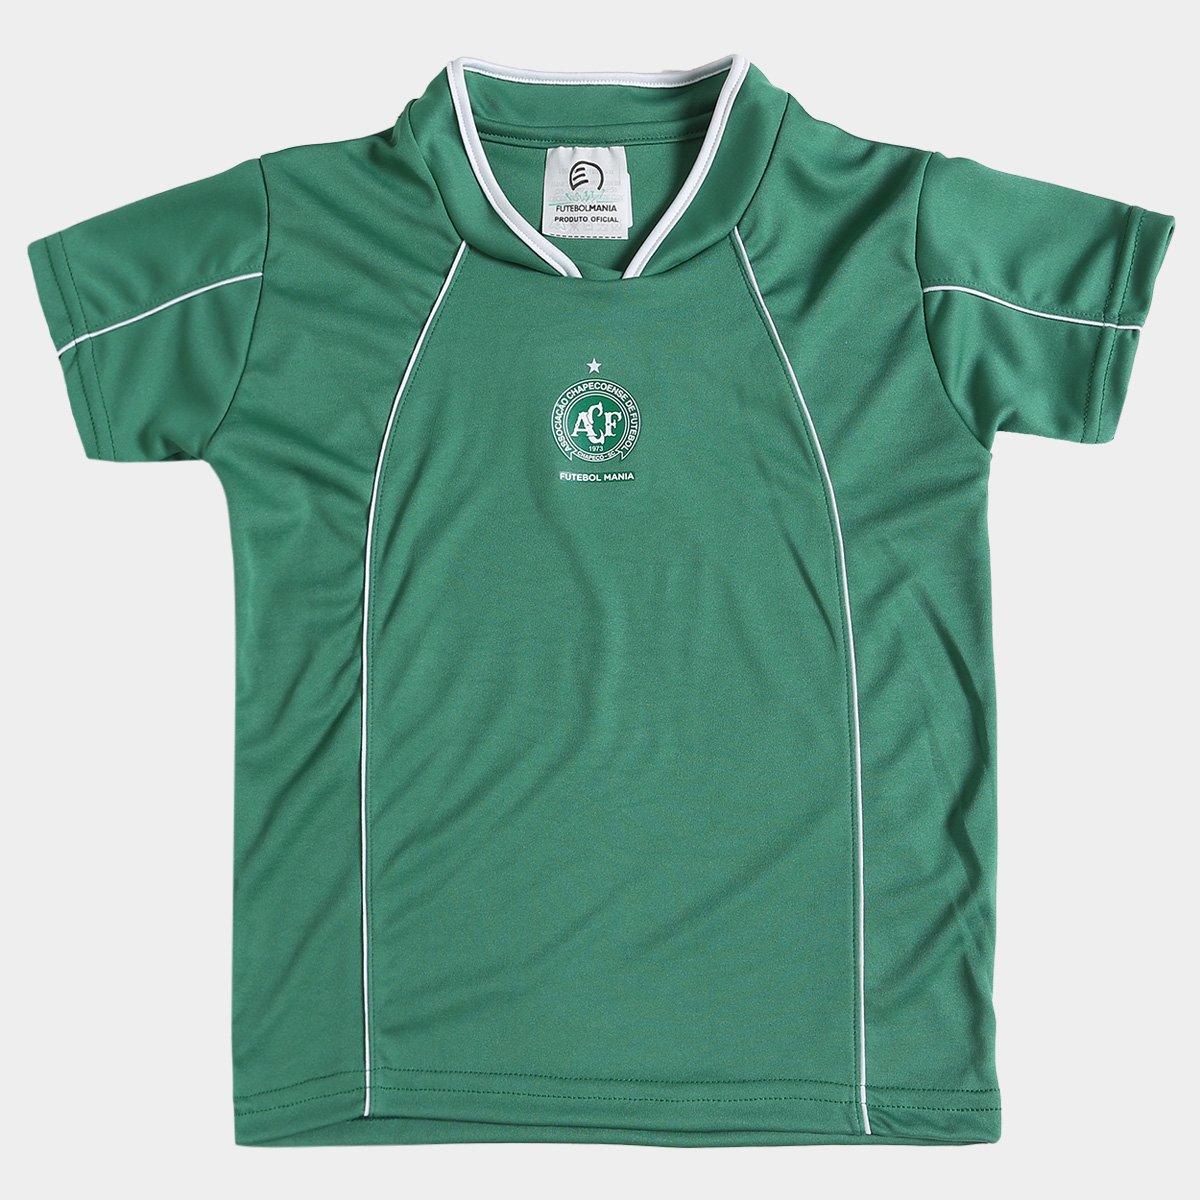 9805f32e58 Camiseta Infantil Chapecoense Torcida Baby - Compre Agora